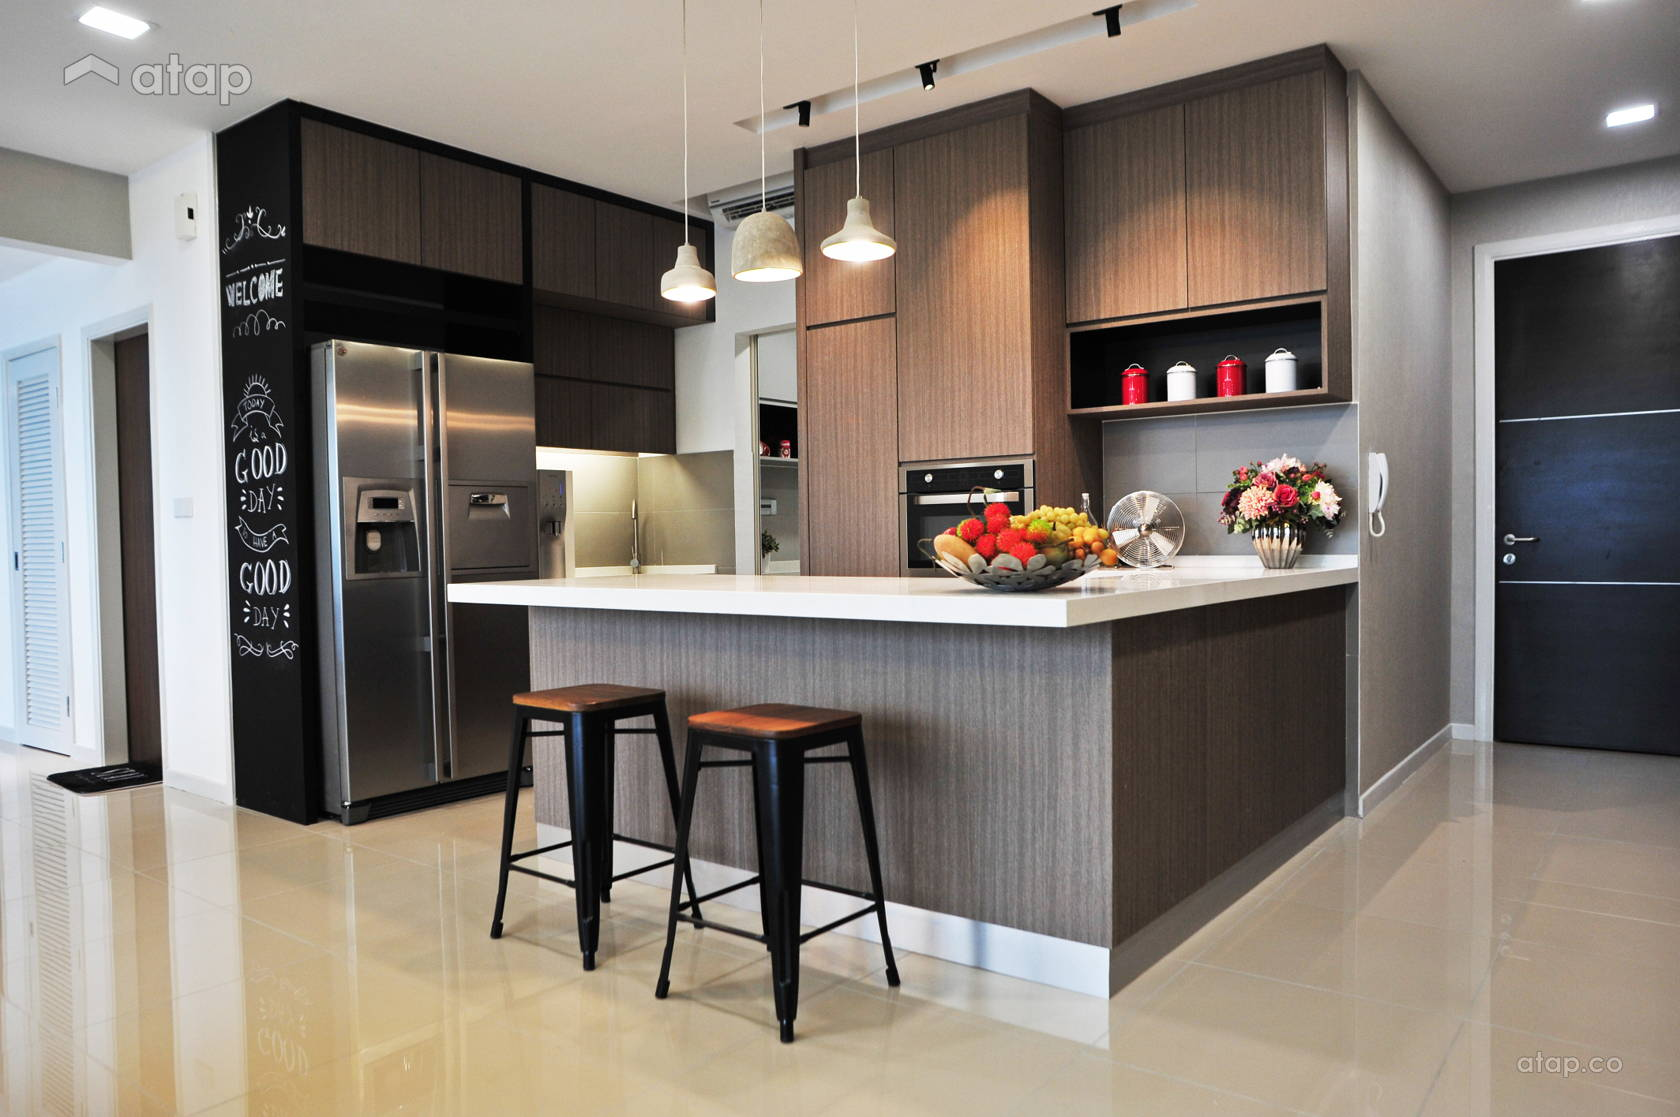 casa green condominium interior design renovation ideas, photos and